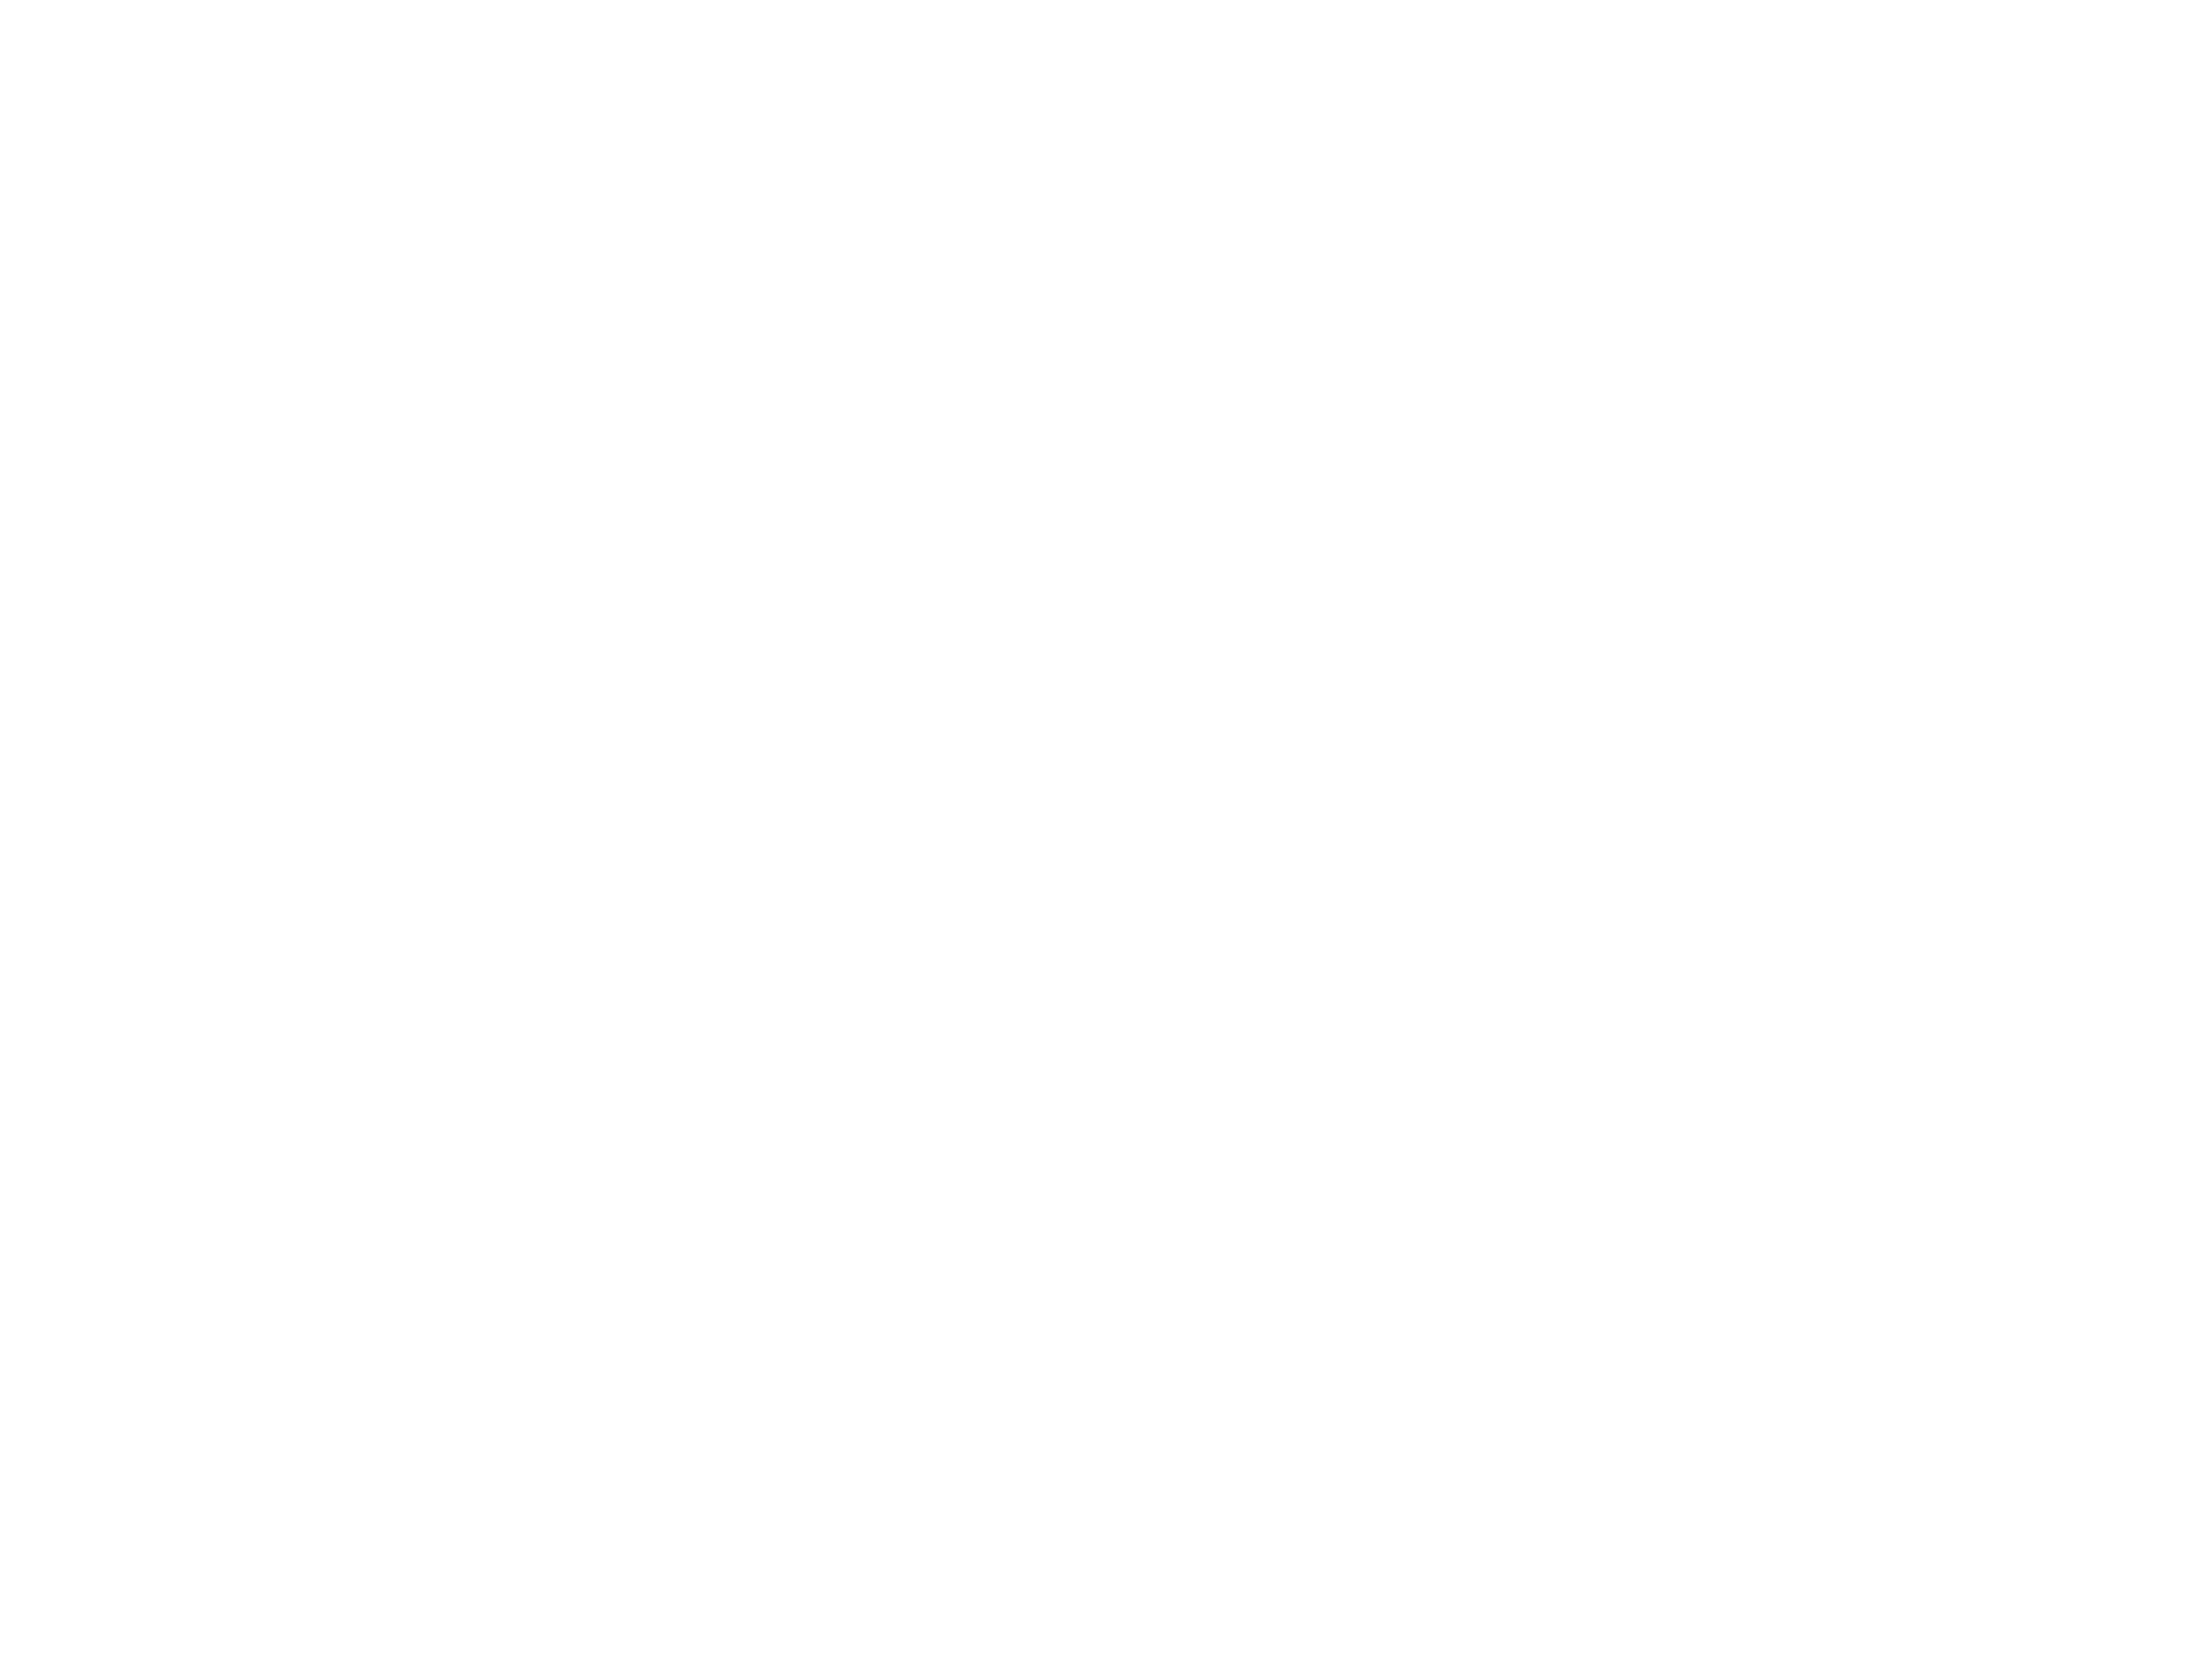 """Садовый центр """"Сабаль"""""""